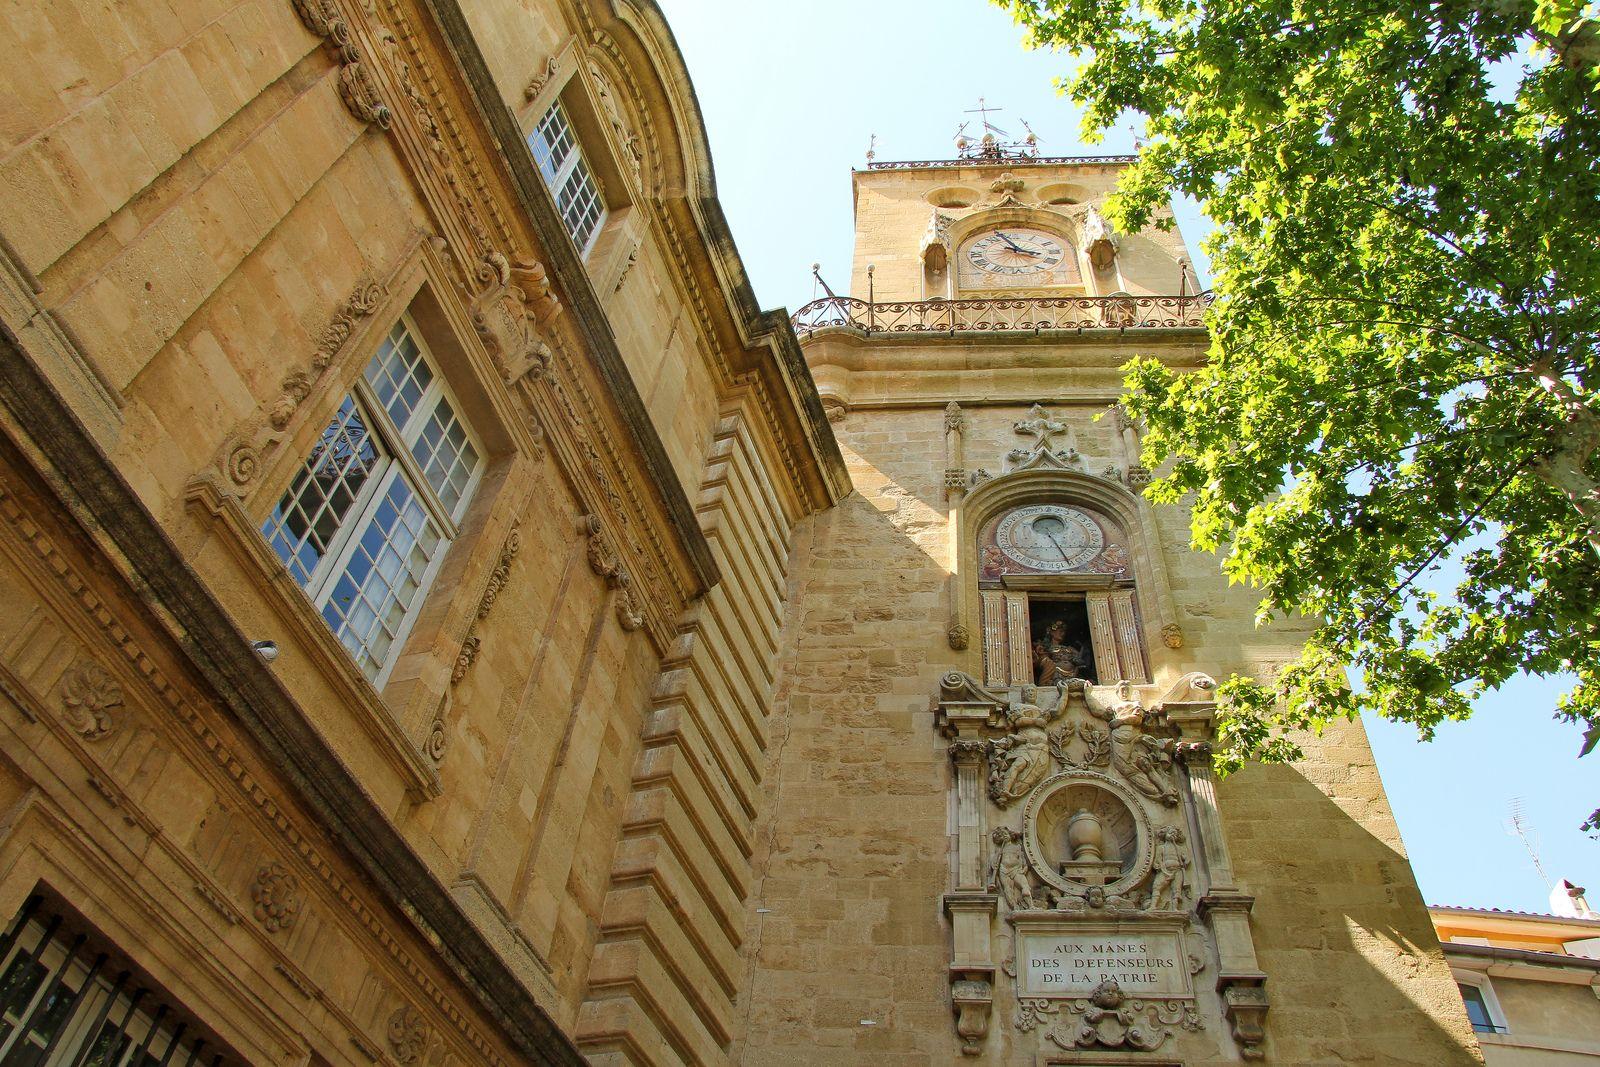 Mairie d'Aix-en-Provence - Aix-en-Provence (France)